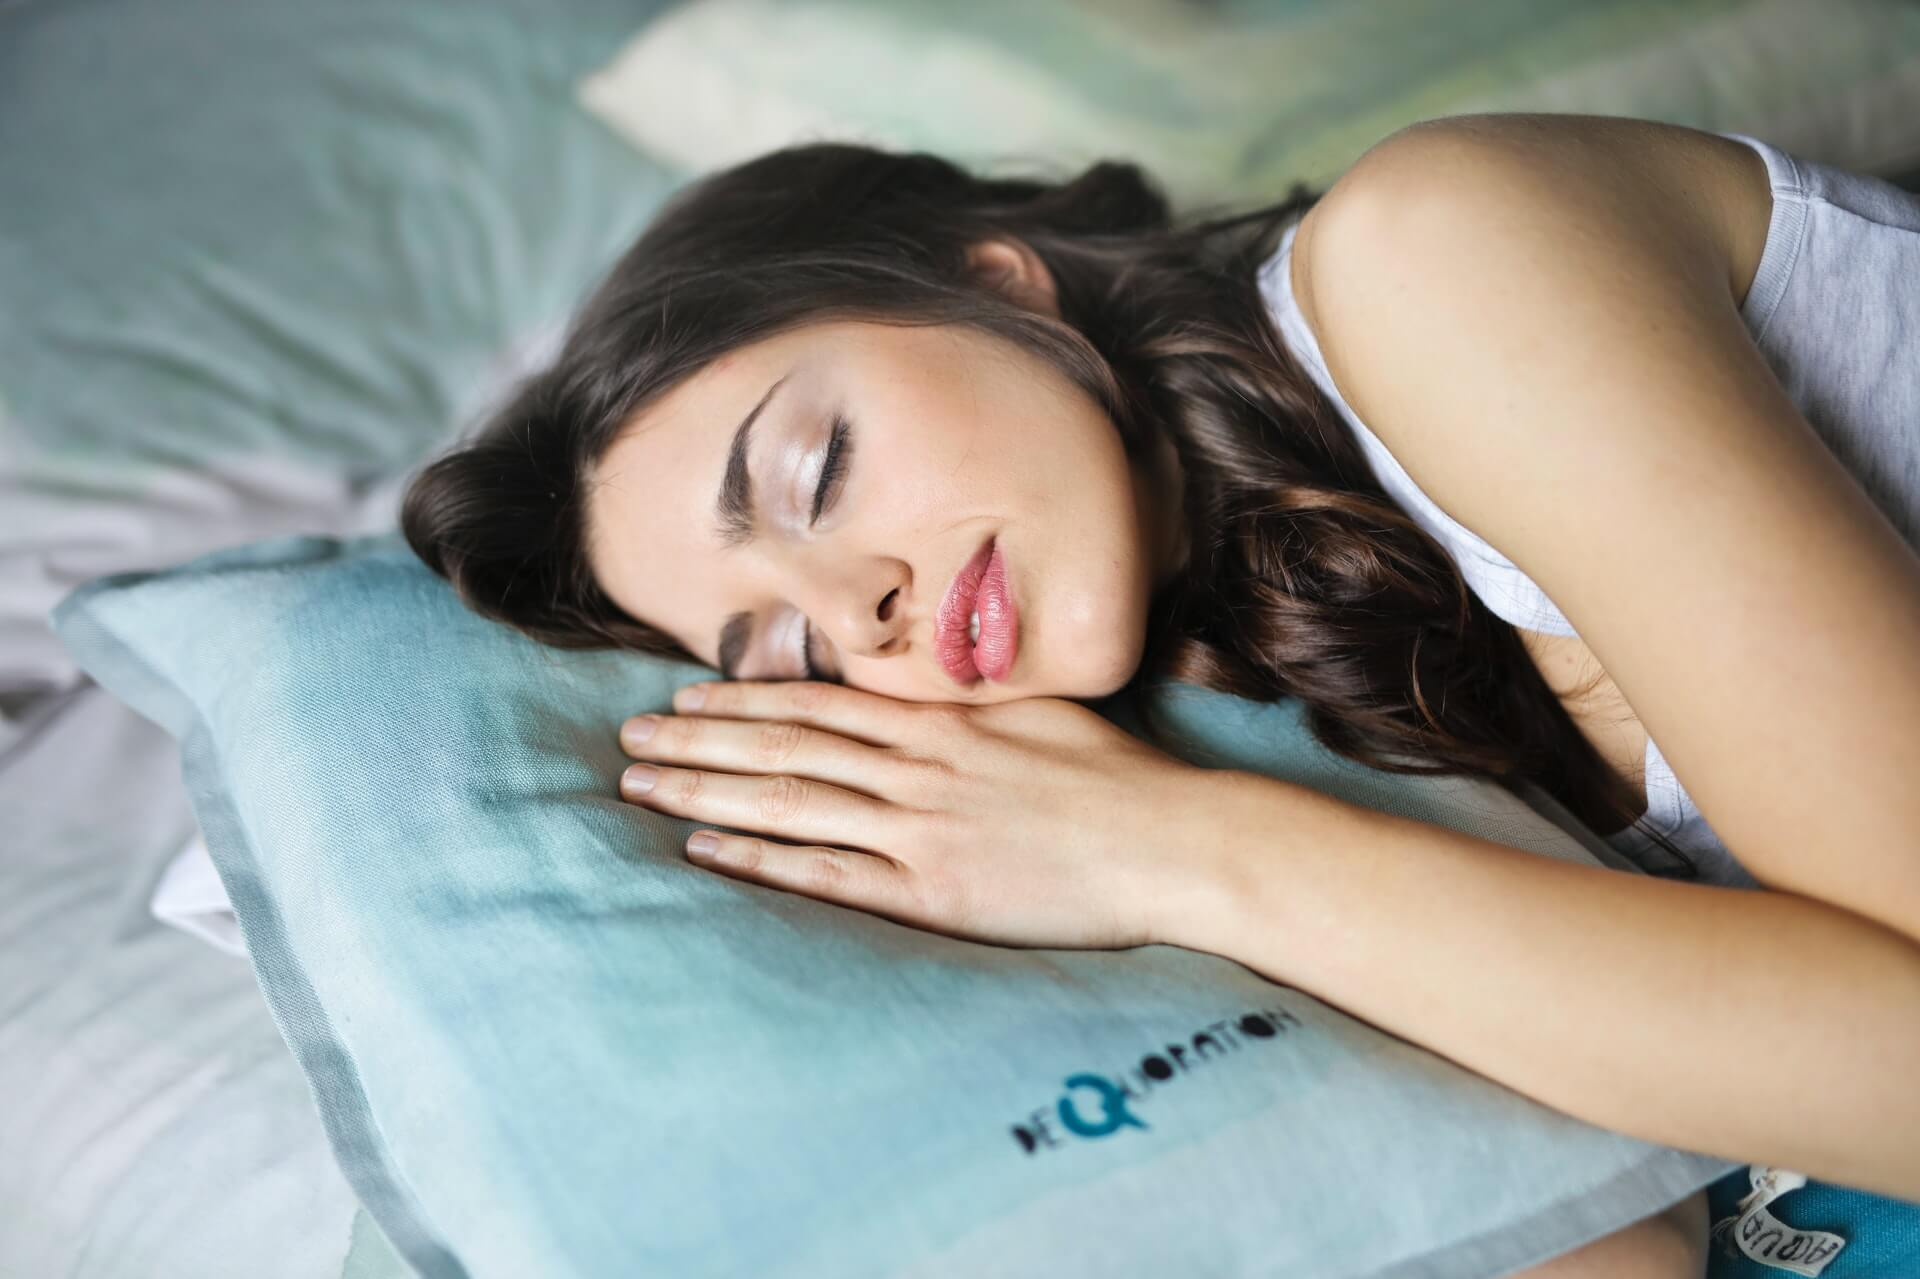 自分に合う枕を見つけよう!選び方やおすすめ商品、洗濯の仕方を解説